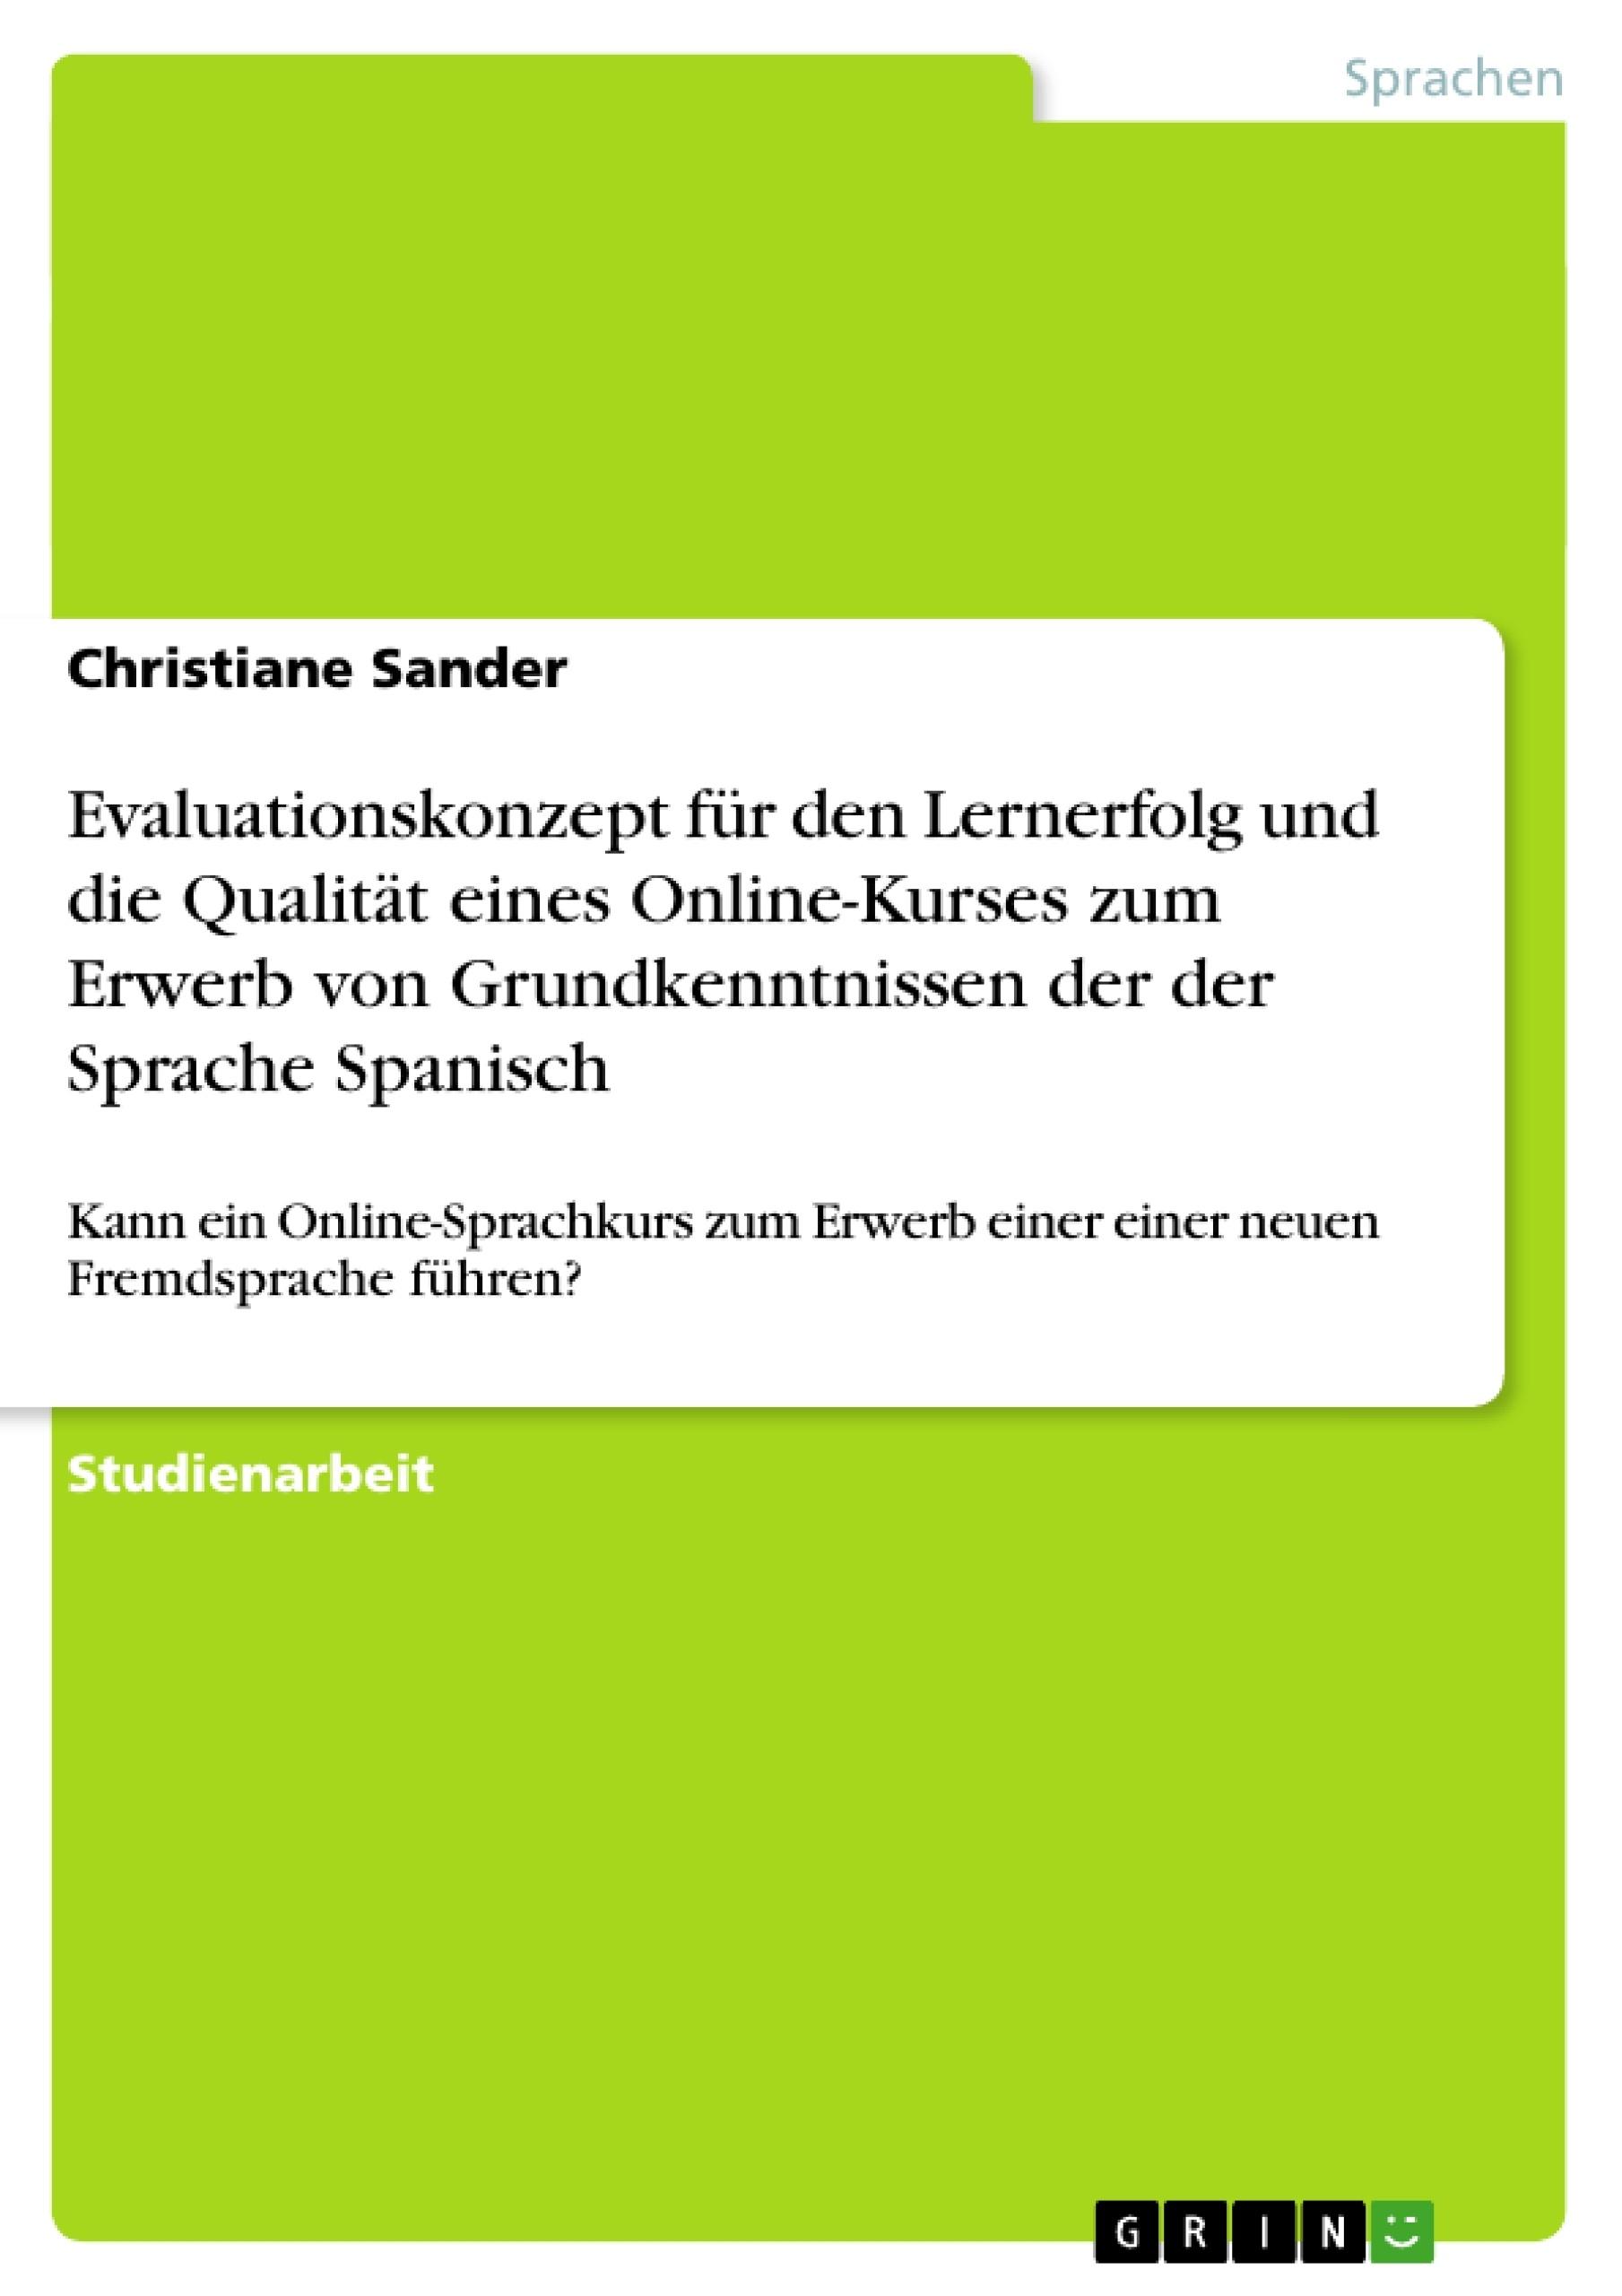 Titel: Evaluationskonzept für den Lernerfolg und die Qualität eines Online-Kurses zum Erwerb von Grundkenntnissen der der Sprache Spanisch